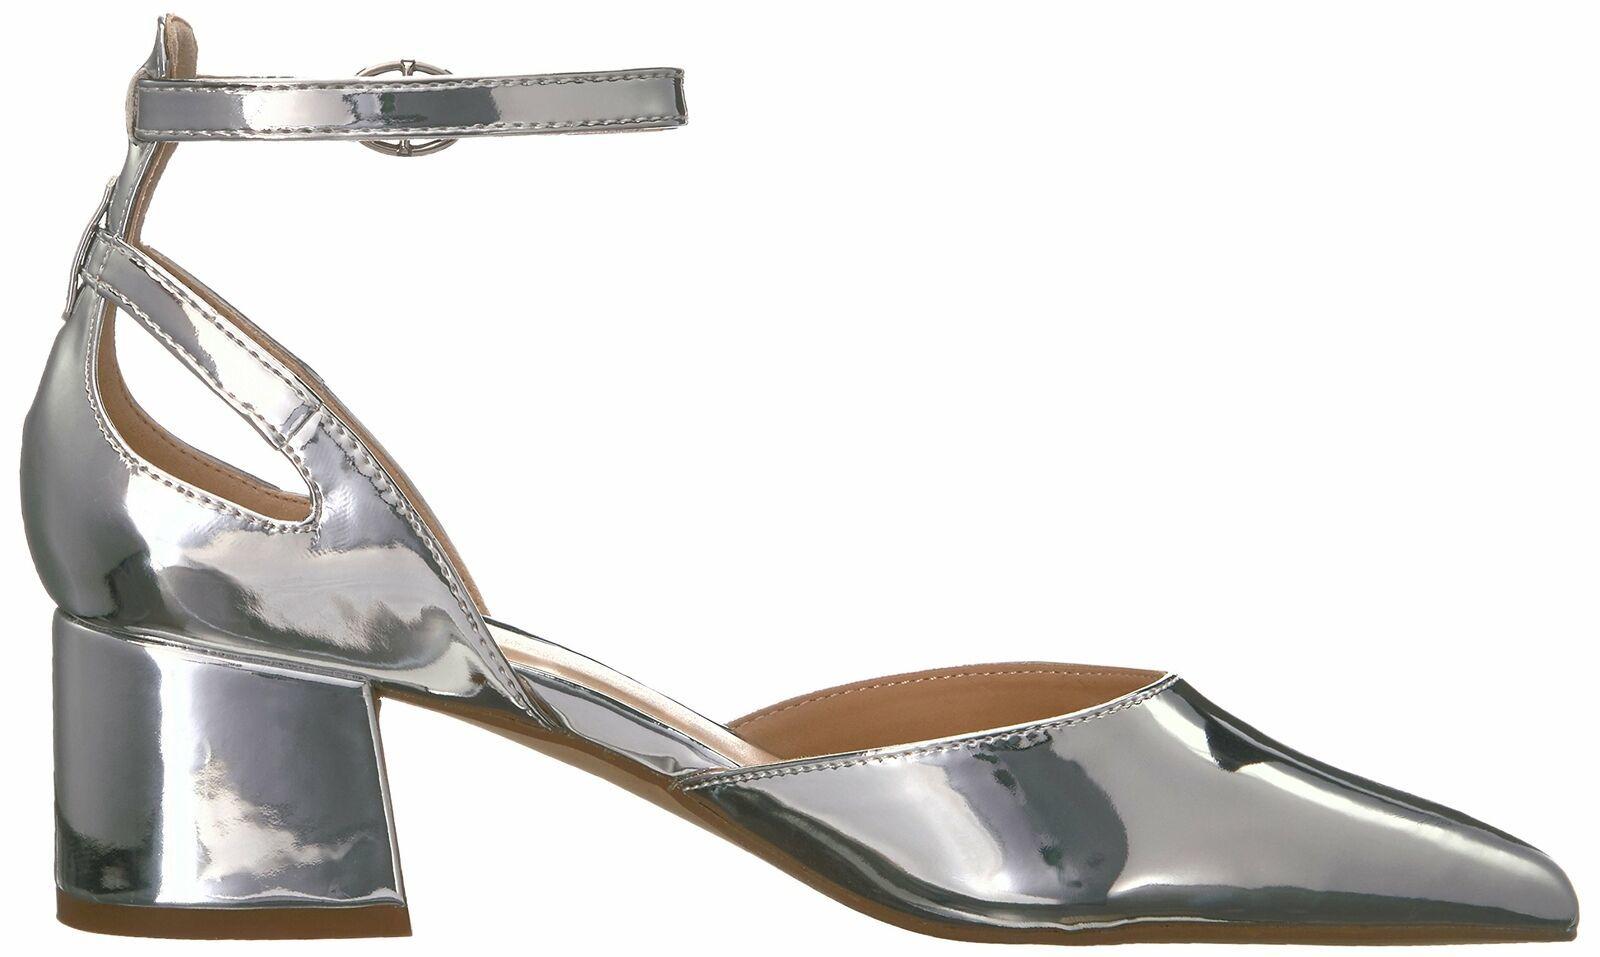 Franco Sarto Women's Caleigh Pump 6.5 Silver image 6